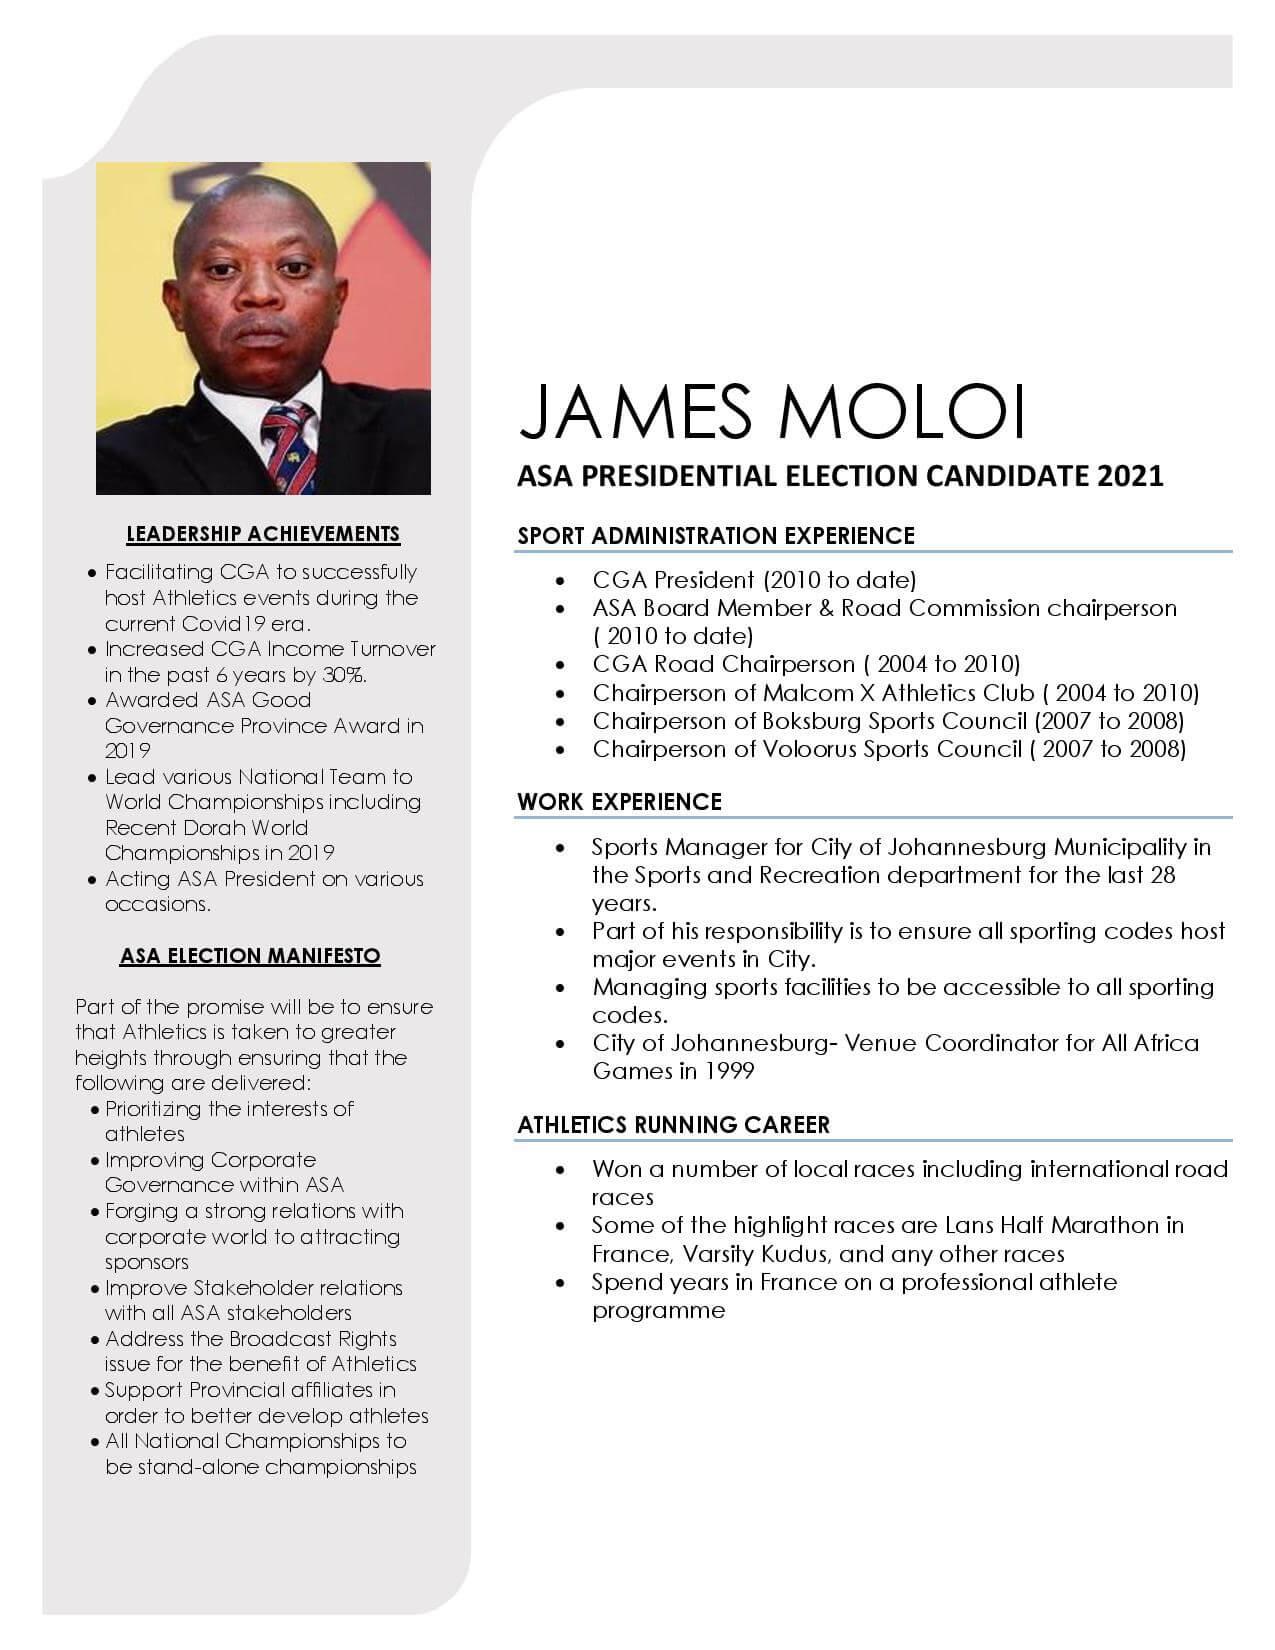 James Moloi - ASA Presidential Candidate Portfolio